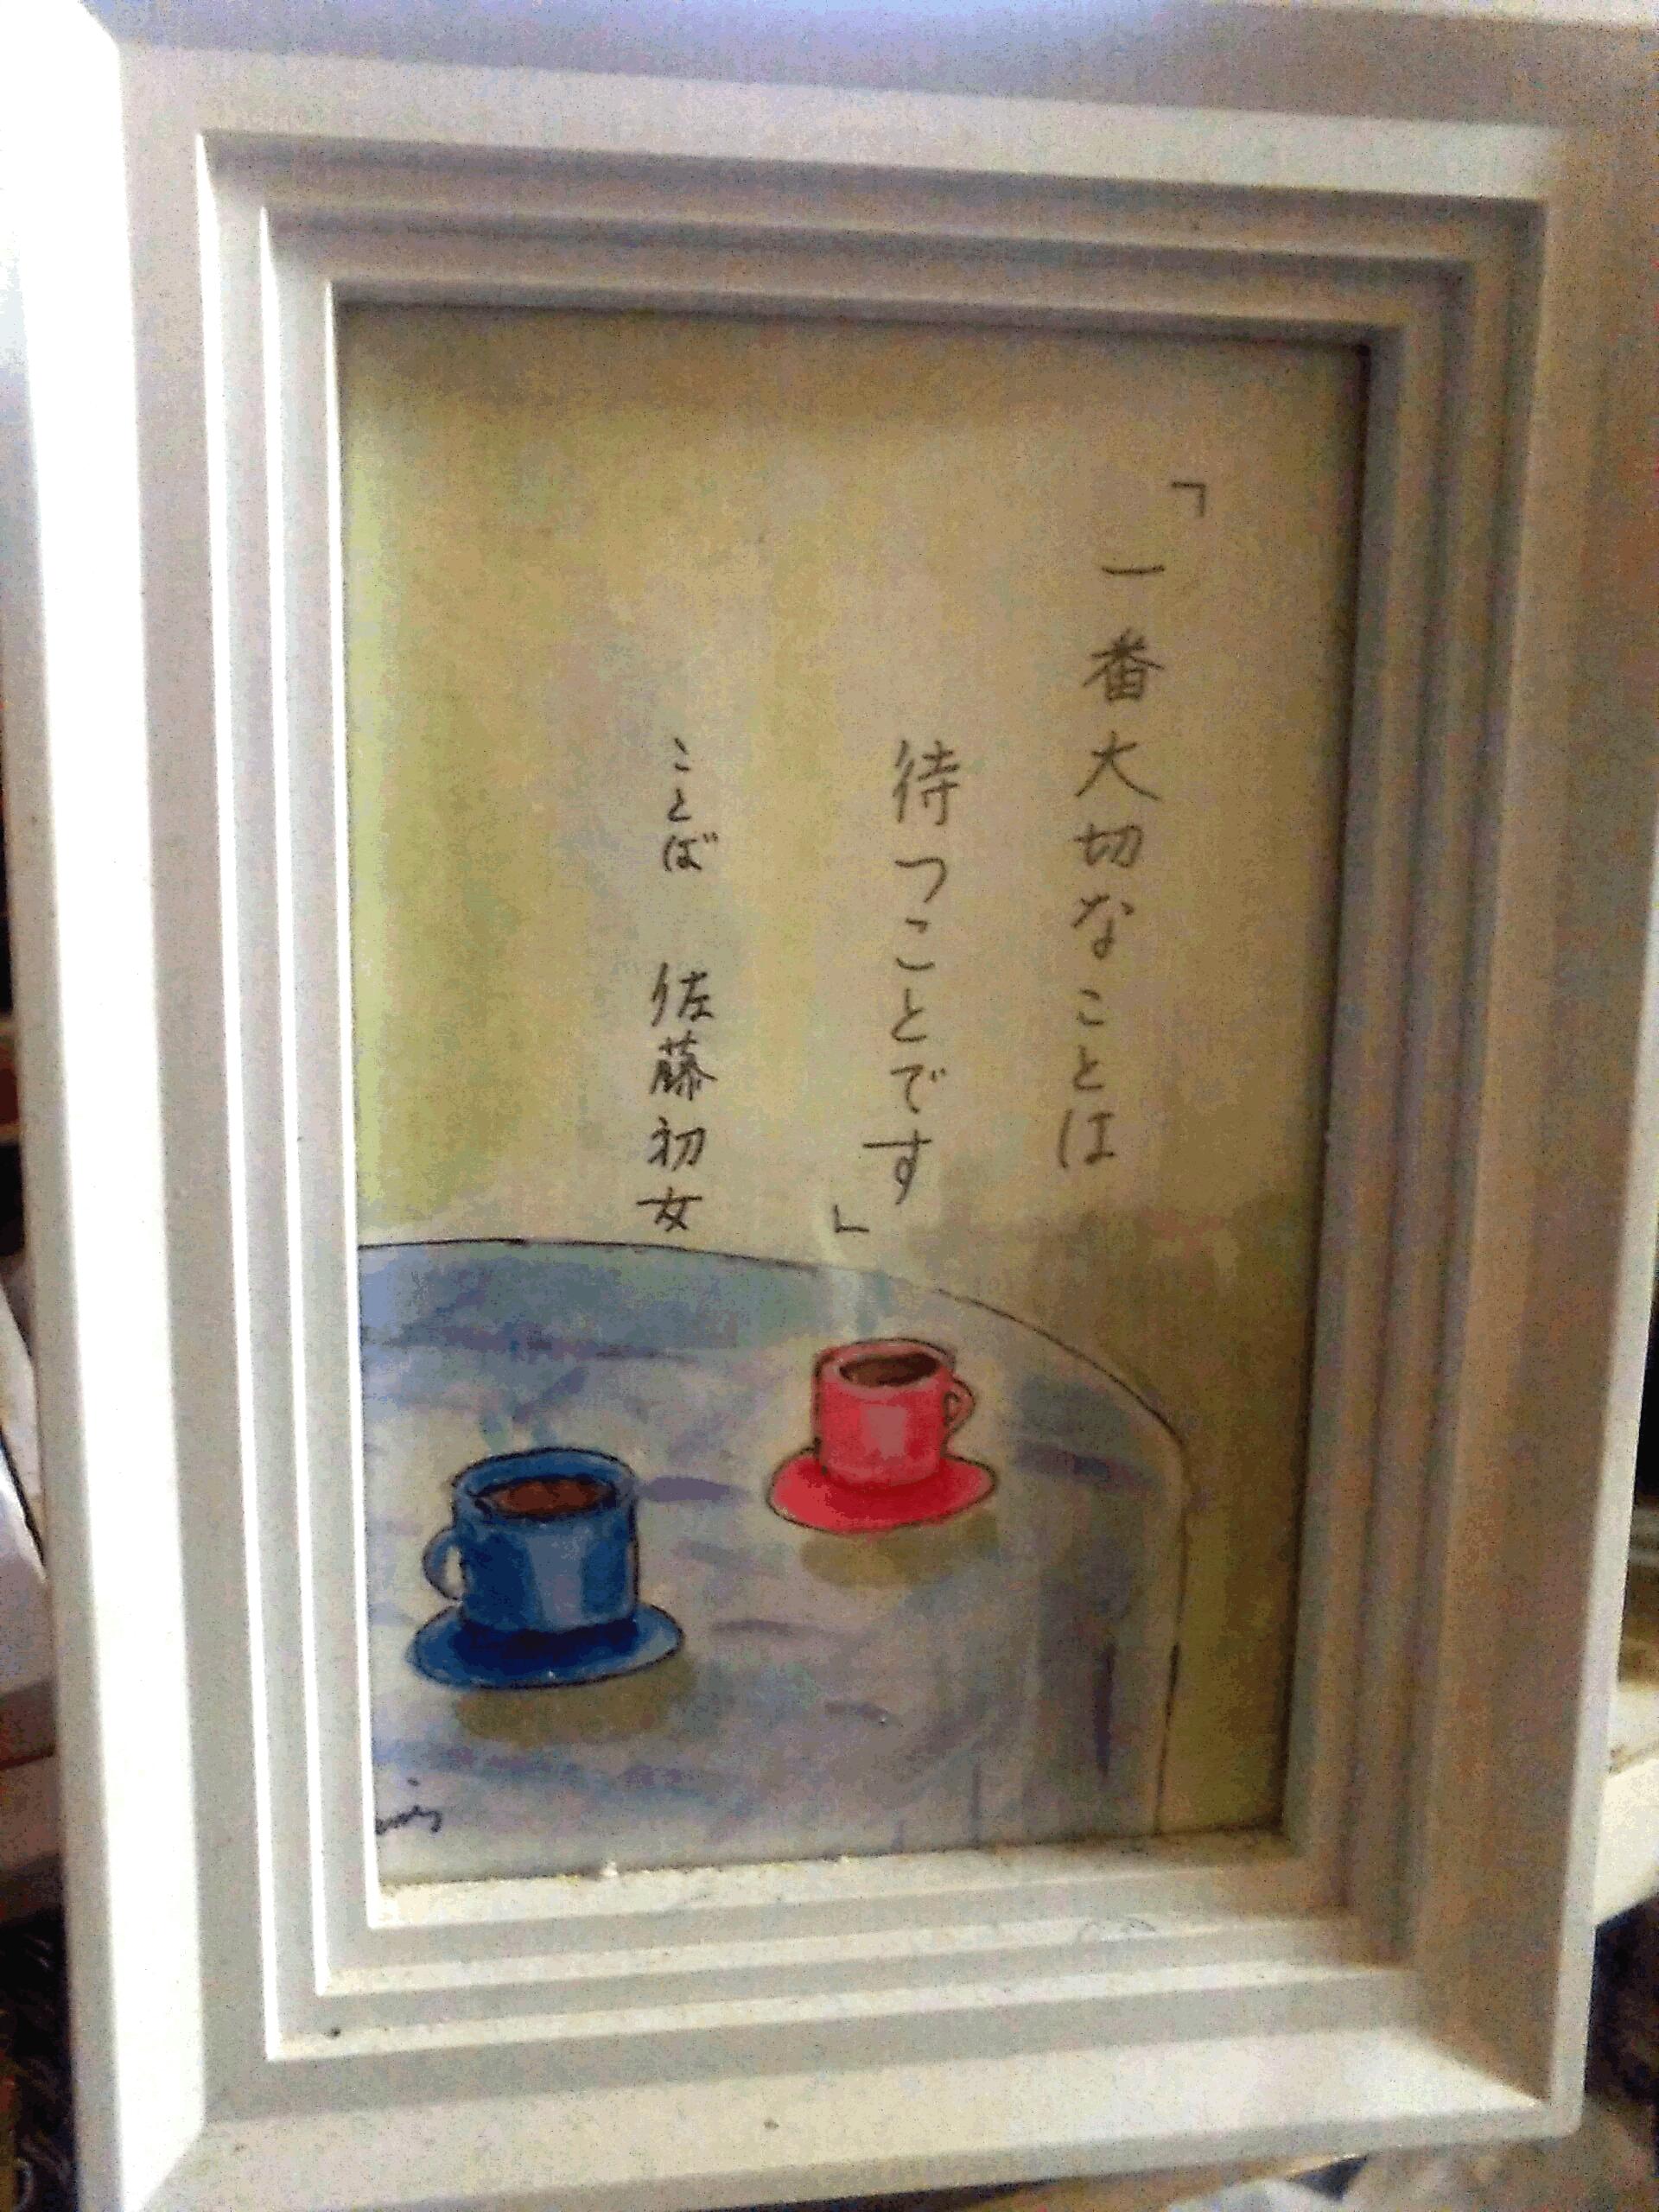 20180929011351 - 佐藤初女先生命日